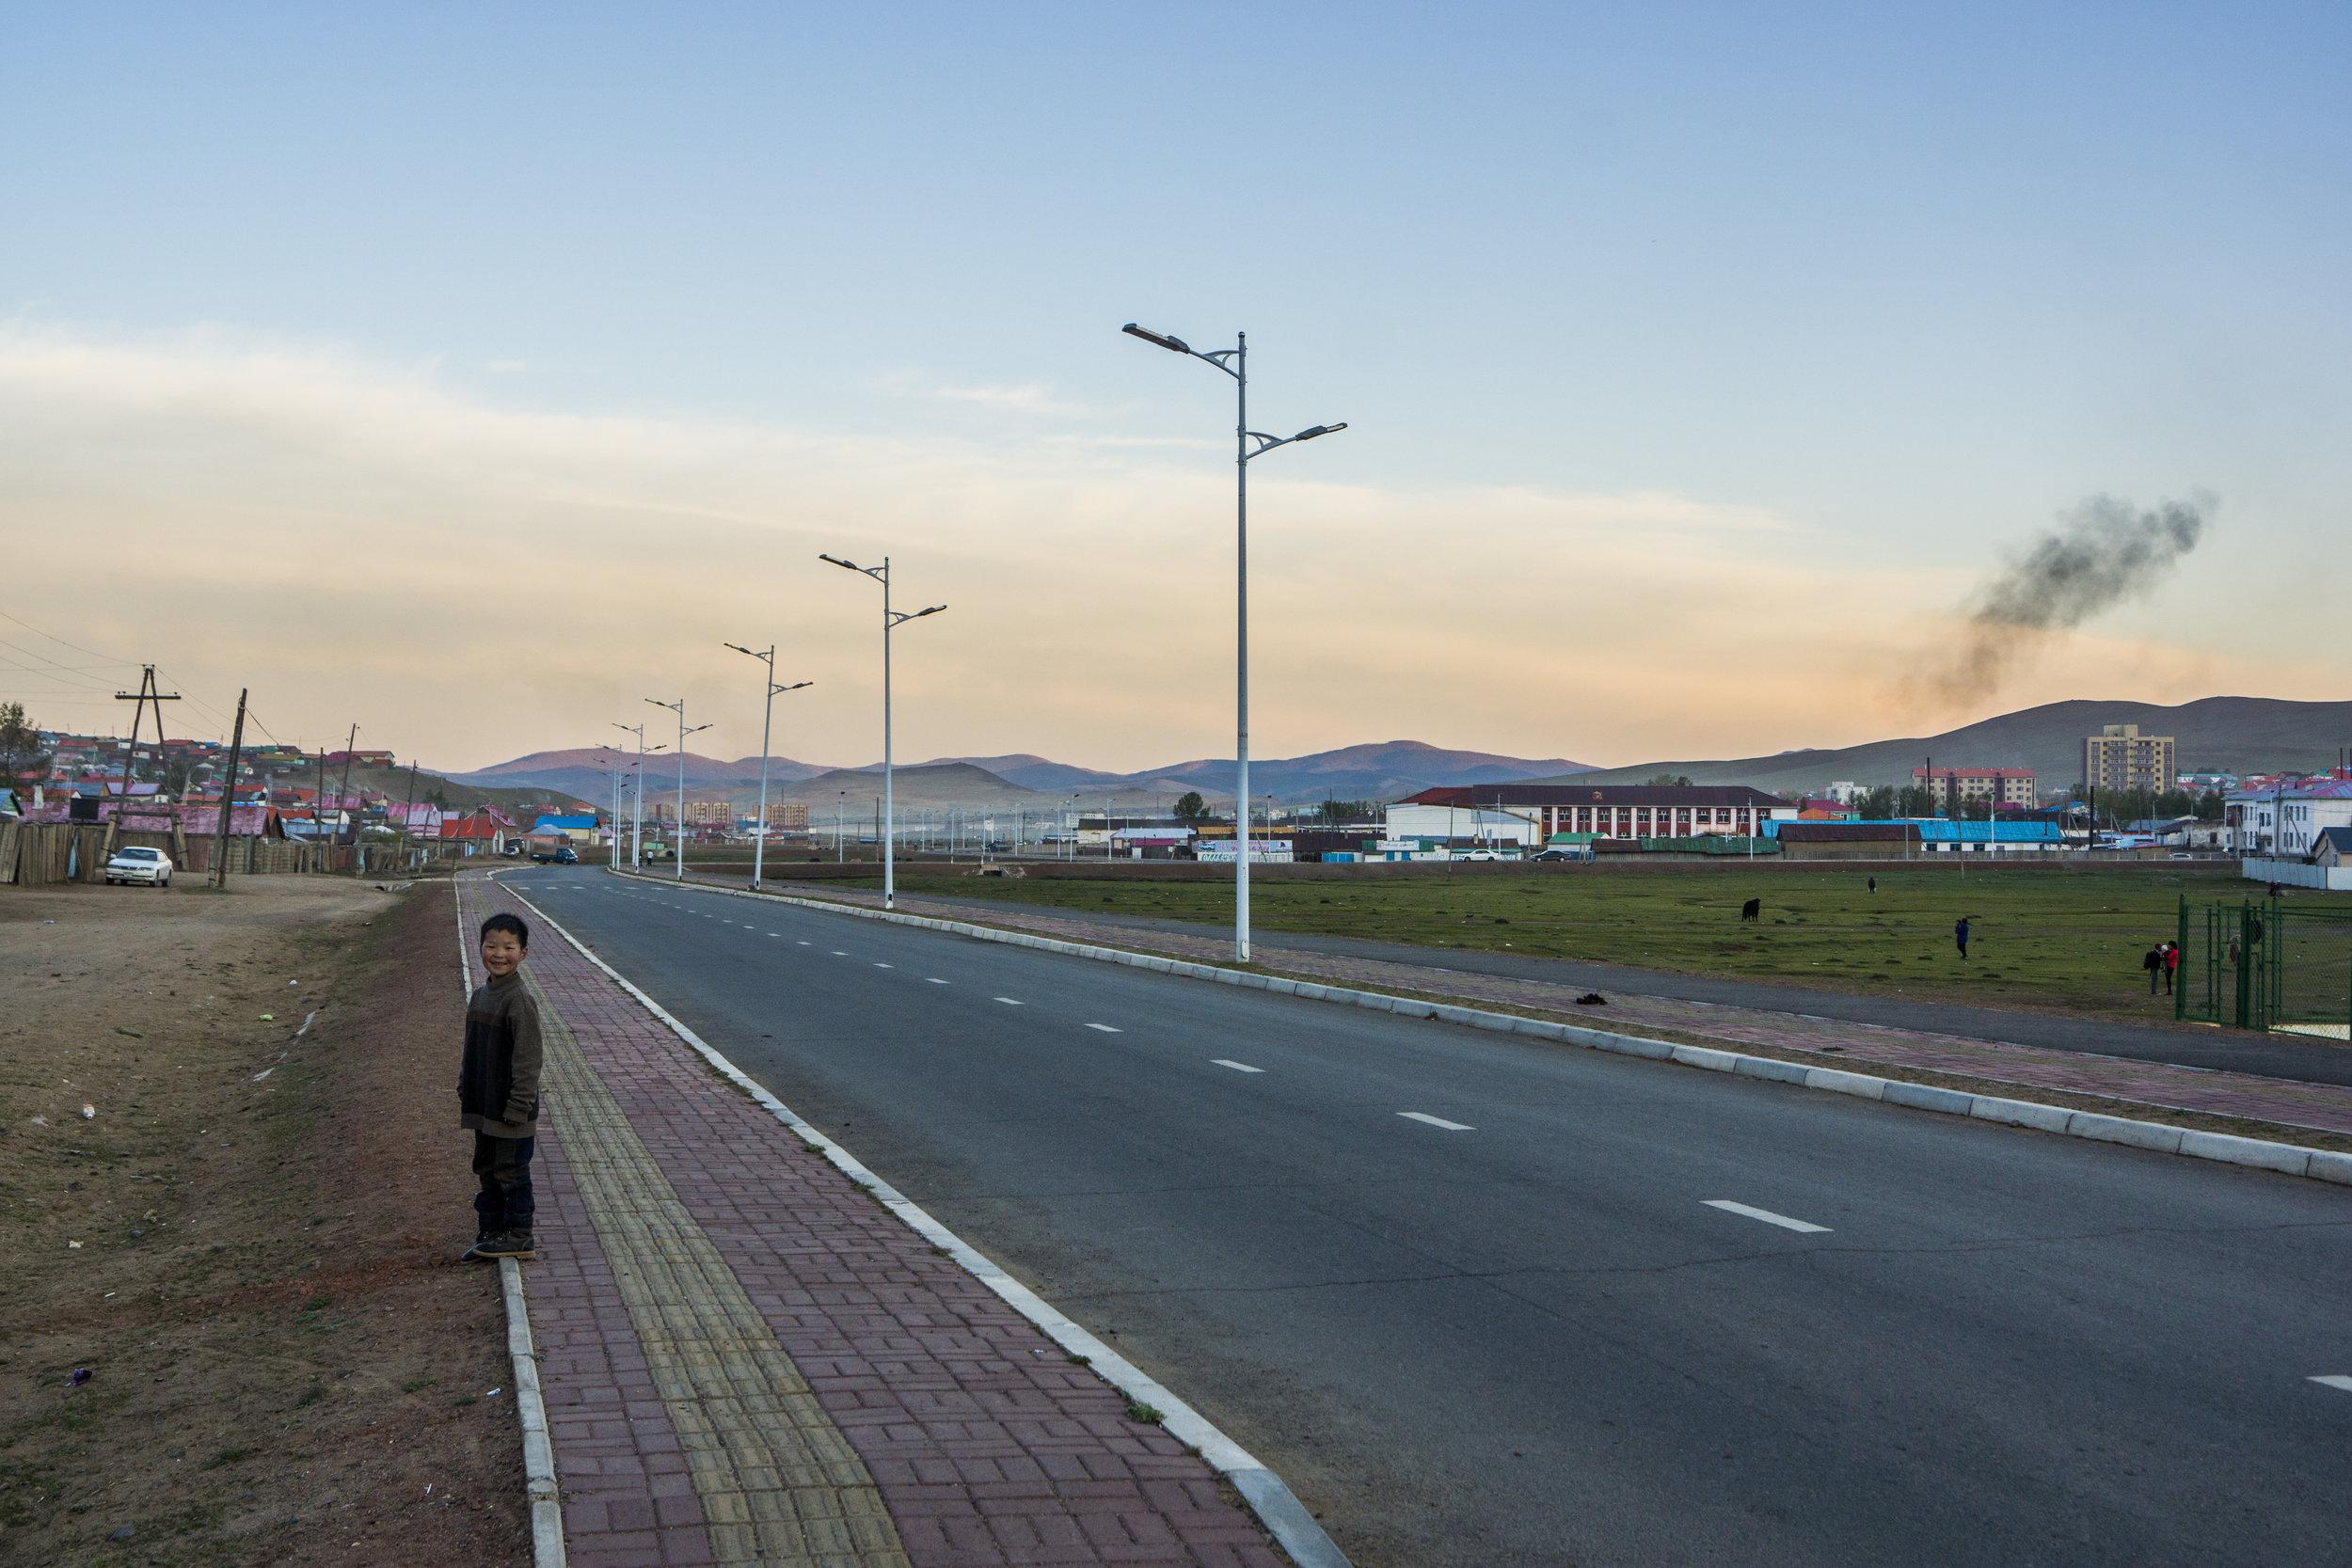 Tsetserleg, Arkhangai, Mongolia.